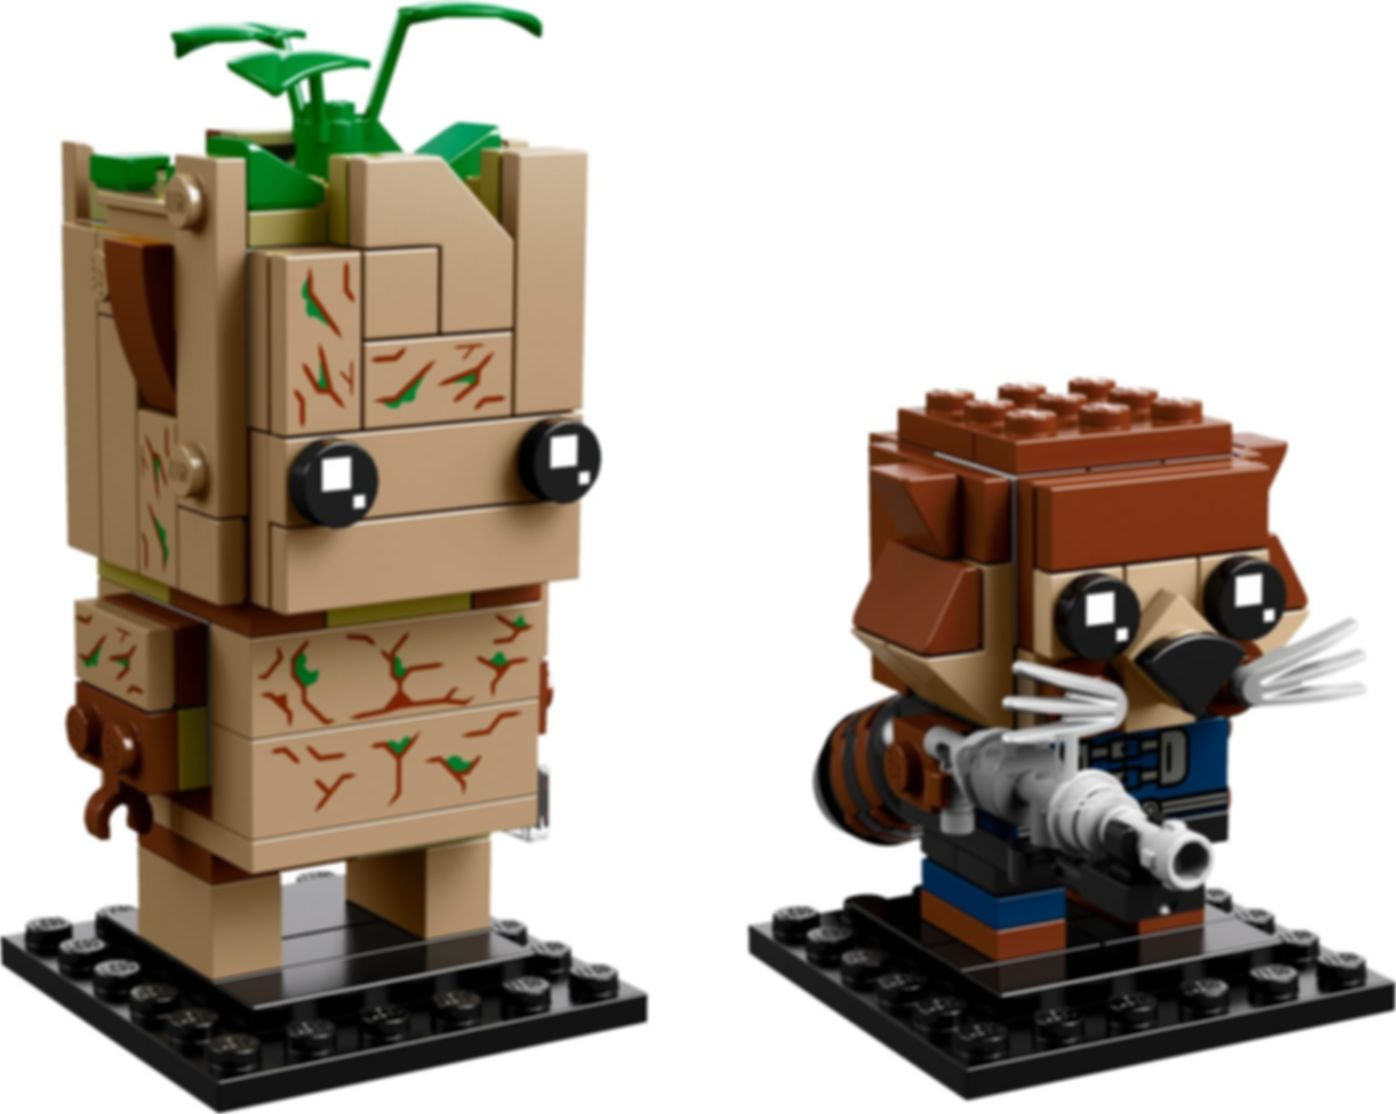 Groot & Rocket components